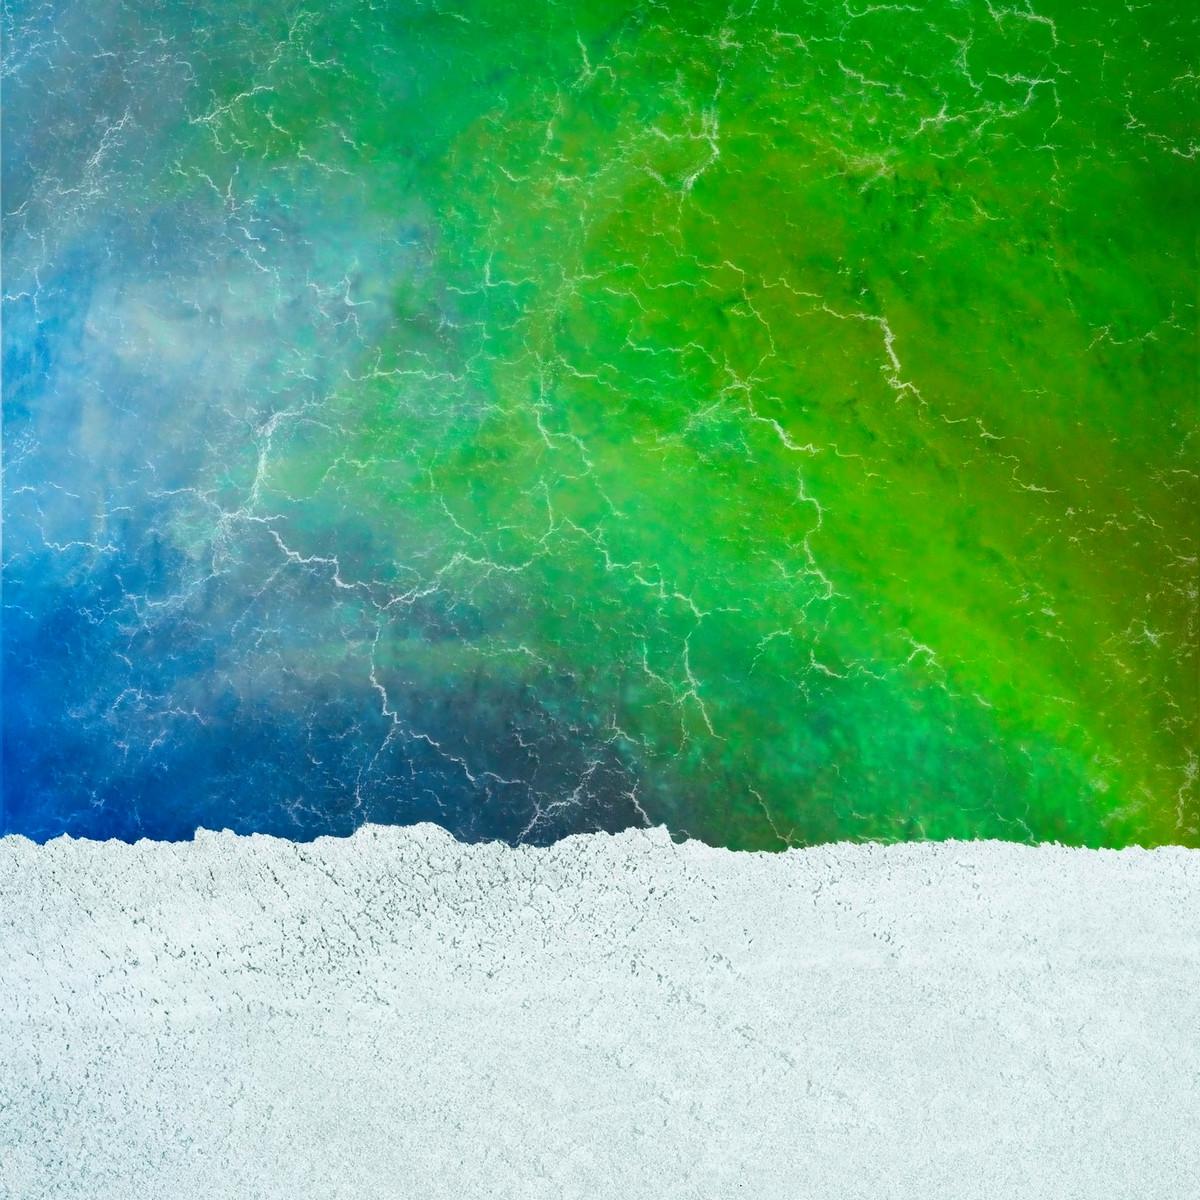 Потрясающие аэрофотографии потоков озера Эйр (20 фото)